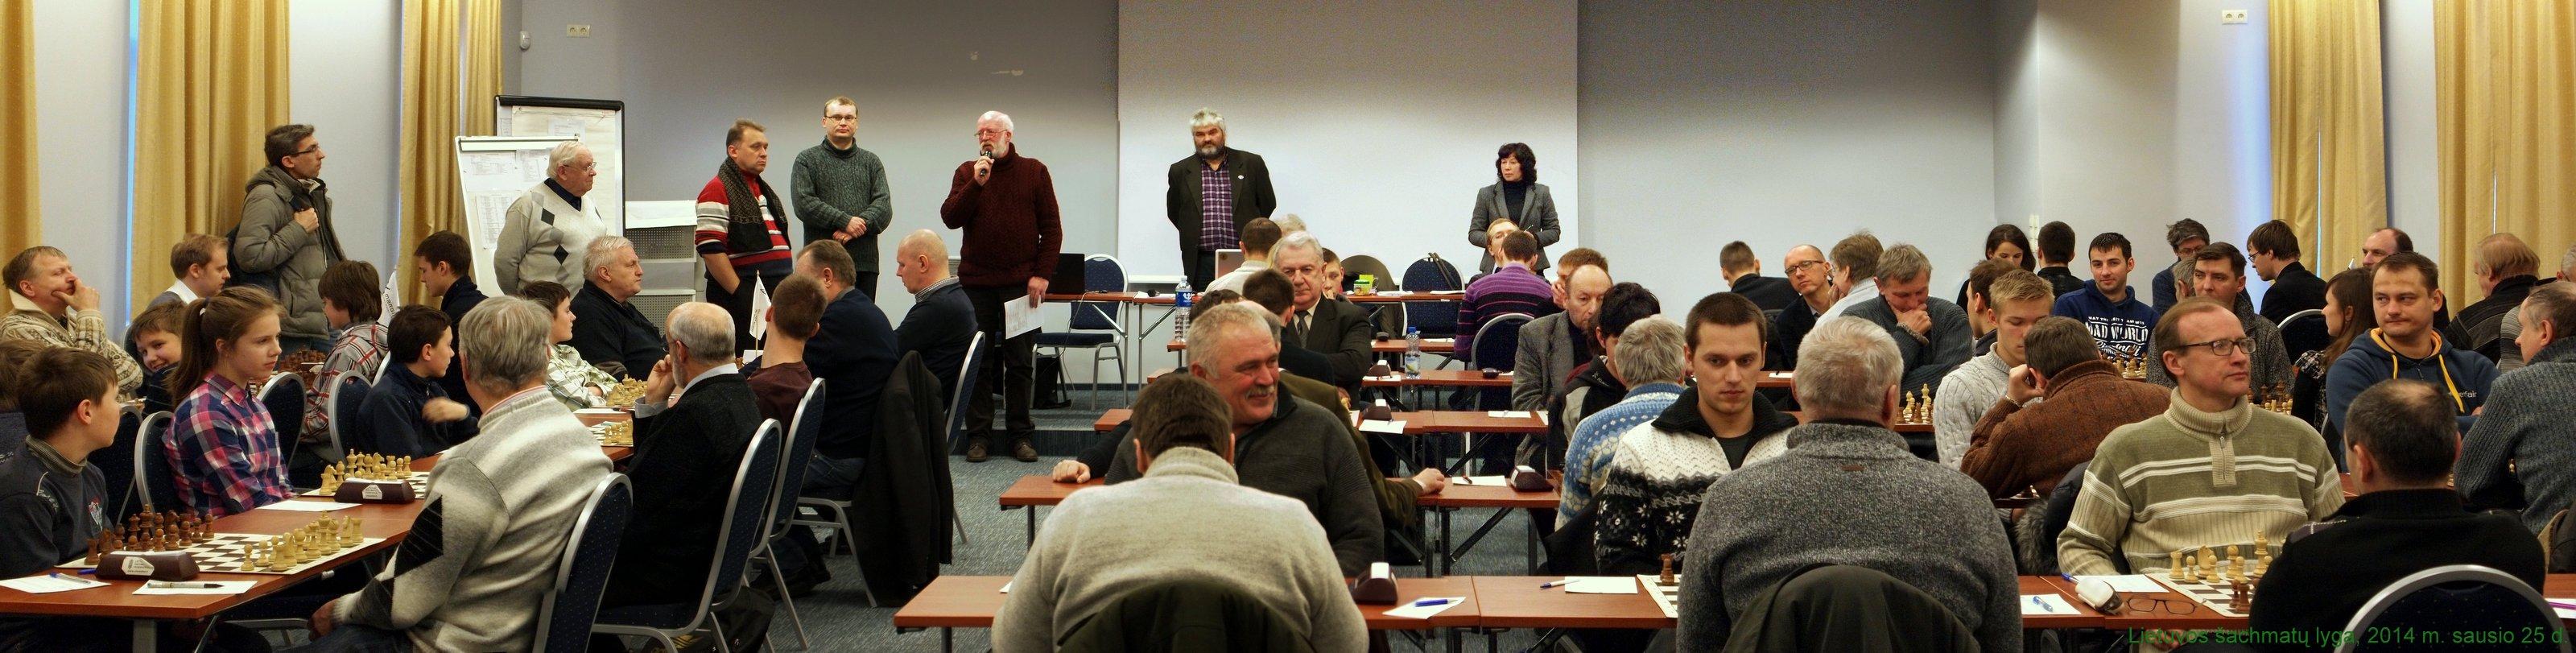 Lietuvos šachmatų lyga; 2014 m. sausio 25 diena, Vilnius